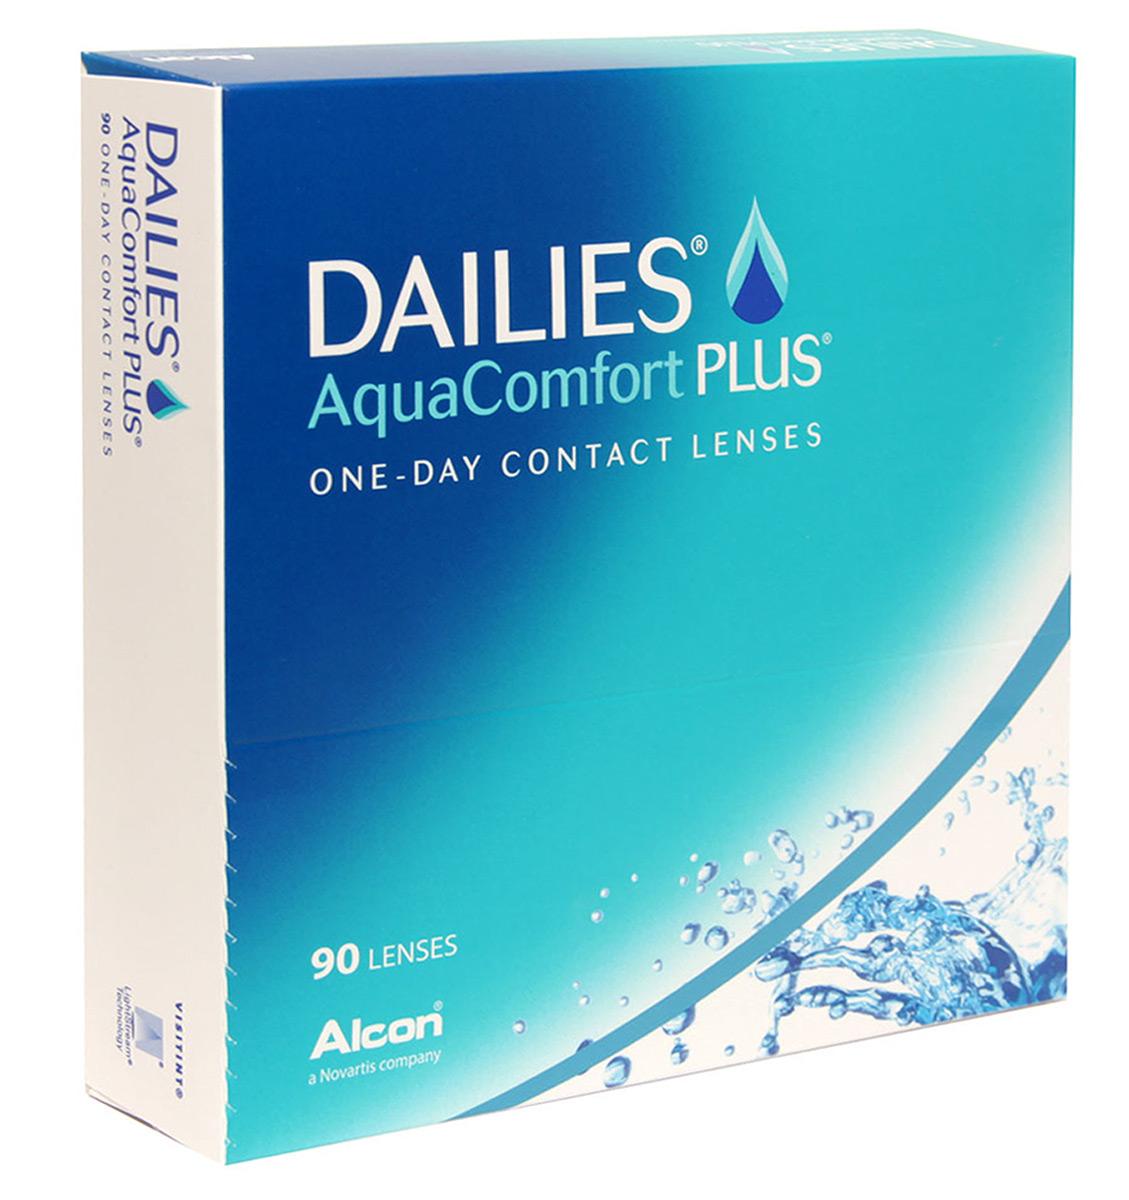 Alcon-CIBA Vision контактные линзы Dailies AquaComfort Plus (90шт / 8.7 / 14.0 / -2.50)30984Dailies AquaComfort Plus - это одни из самых популярных однодневных линз производства компании Ciba Vision. Эти линзы пользуются огромной популярностью во всем мире и являются на сегодняшний день самыми безопасными контактными линзами. Изготавливаются линзы из современного, 100% безопасного материала нелфилкон А. Особенность этого материала в том, что он легко пропускает воздух и хорошо сохраняет влагу. Однодневные контактные линзы Dailies AquaComfort Plus не нуждаются в дополнительном уходе и затратах, каждый день вы надеваете свежую пару линз. Дизайн линзы биосовместимый, что гарантирует безупречный комфорт. Самое главное достоинство Dailies AquaComfort Plus - это их уникальная система увлажнения. Благодаря этой разработке линзы увлажняются тремя различными агентами. Первый компонент, ухаживающий за линзами, находится в растворе, он как бы обволакивает линзу, обеспечивая чрезвычайно комфортное надевание. Второй агент выделяется на протяжении всего дня, он непрерывно смачивает линзы. Третий - увлажняющий агент, выделяется во время моргания, благодаря ему поддерживается постоянный комфорт. Также линзы имеют УФ-фильтр, который будет заботиться о ваших глазах. Dailies AquaComfort Plus - одни из лучших линз в своей категории. Всемирно известная компания Ciba Vision, создавая эти контактные линзы, попыталась учесть все потребности пациентов и ей это удалось! Характеристики:Материал: нелфилкон А. Кривизна: 8.7. Оптическая сила: - 2.50. Содержание воды: 69%. Диаметр: 14,0 мм. Количество линз: 90 шт. Размер упаковки: 15 см х 5 см х 3 см. Производитель: США. Товар сертифицирован.Контактные линзы или очки: советы офтальмологов. Статья OZON Гид